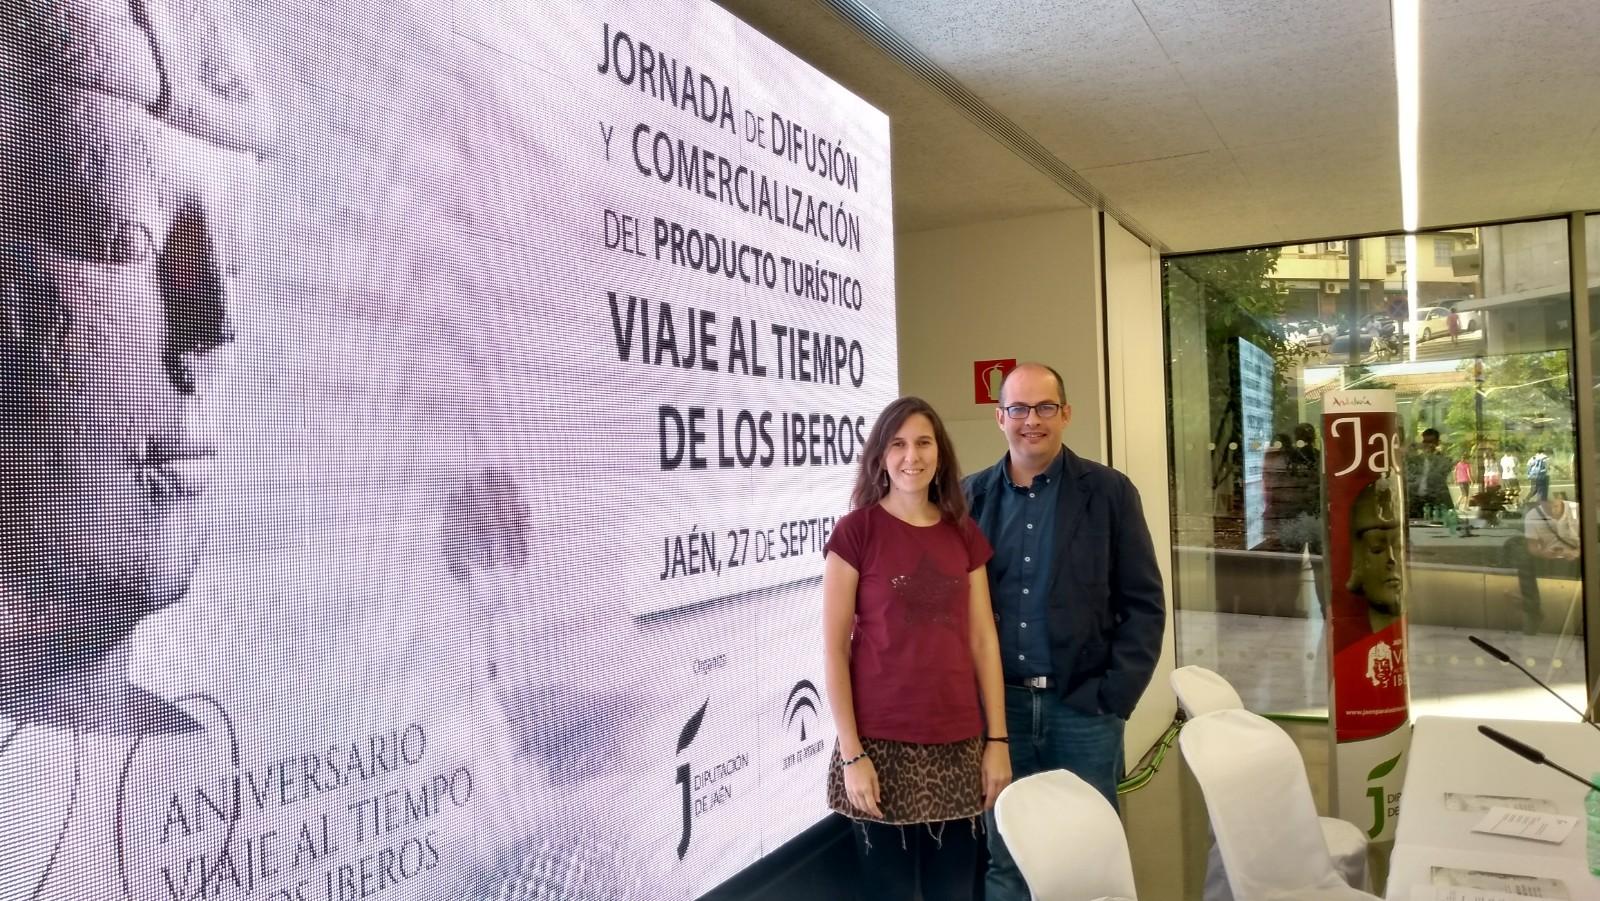 Laura Benito y José Manuel Illán en la jornada de difusión del producto turístico Viaje al tiempo de los Íberos